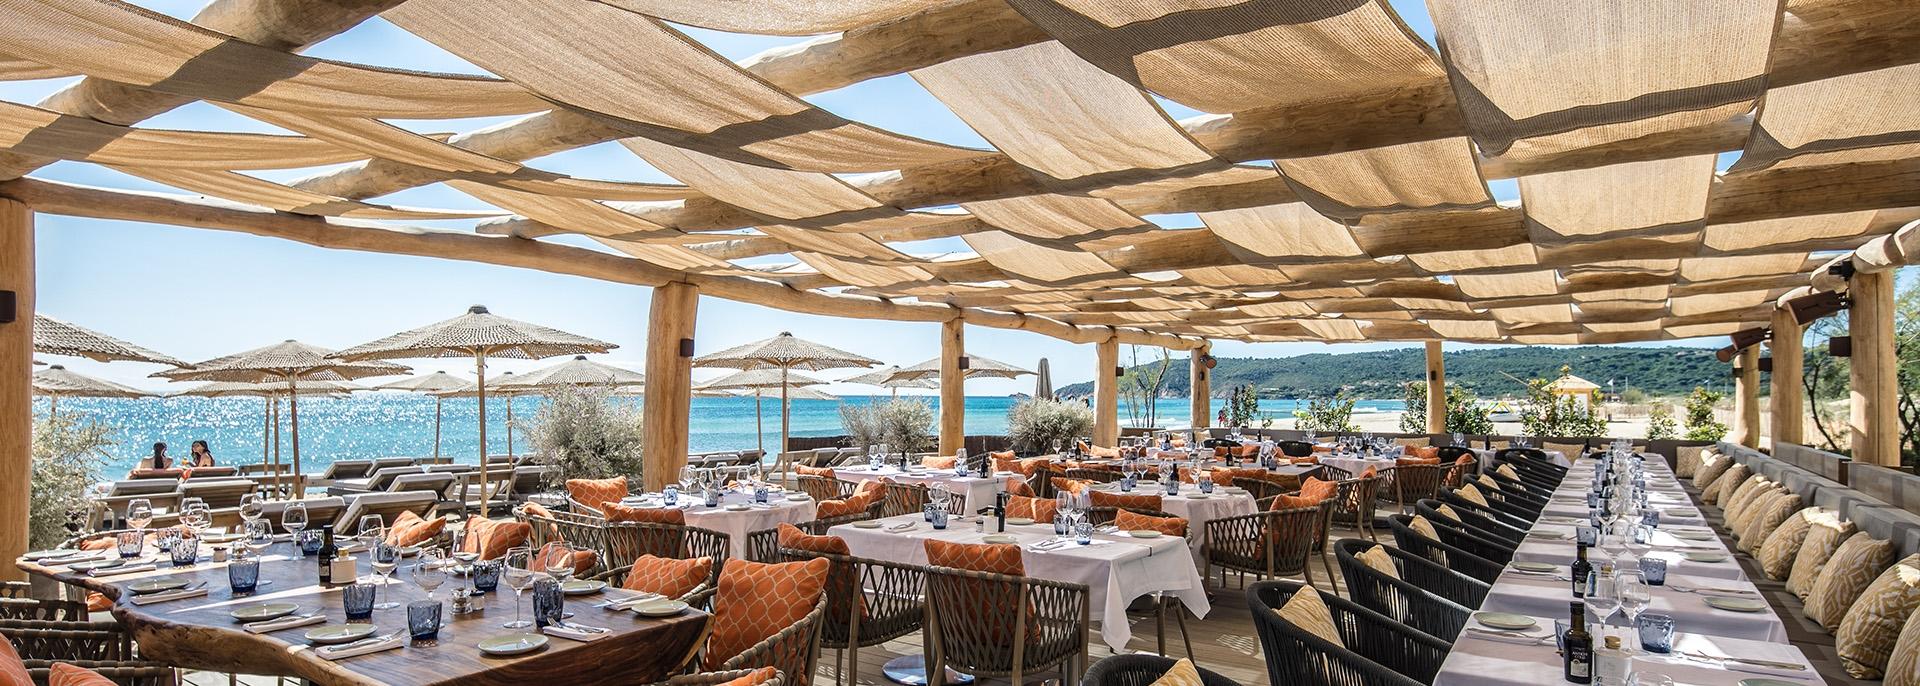 Tropez st beach club The best